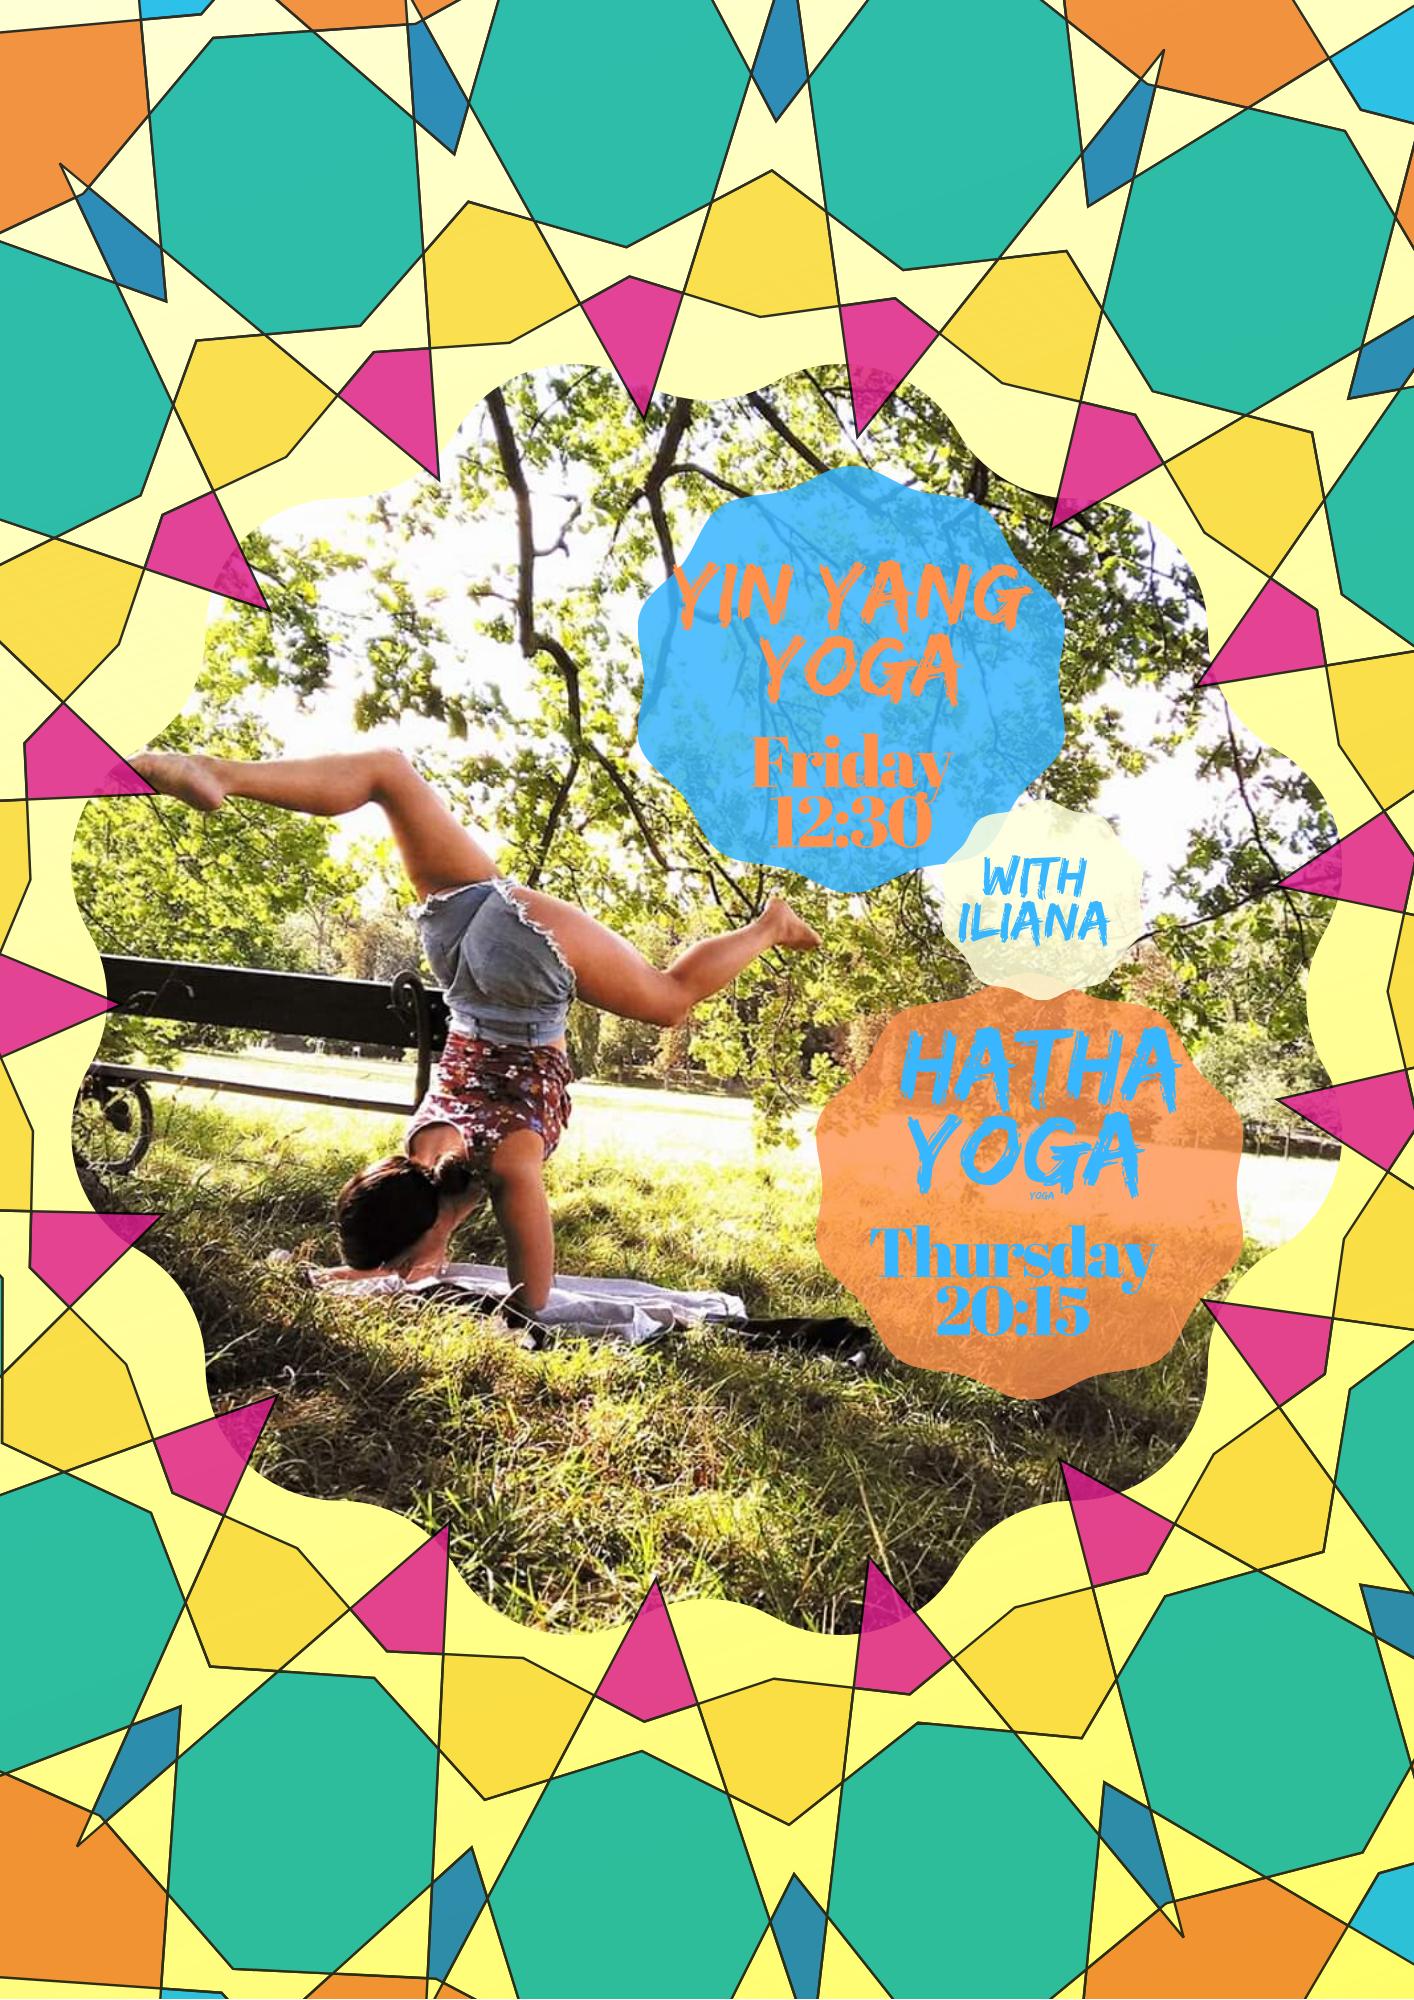 Community Yin/Yang Yoga Class